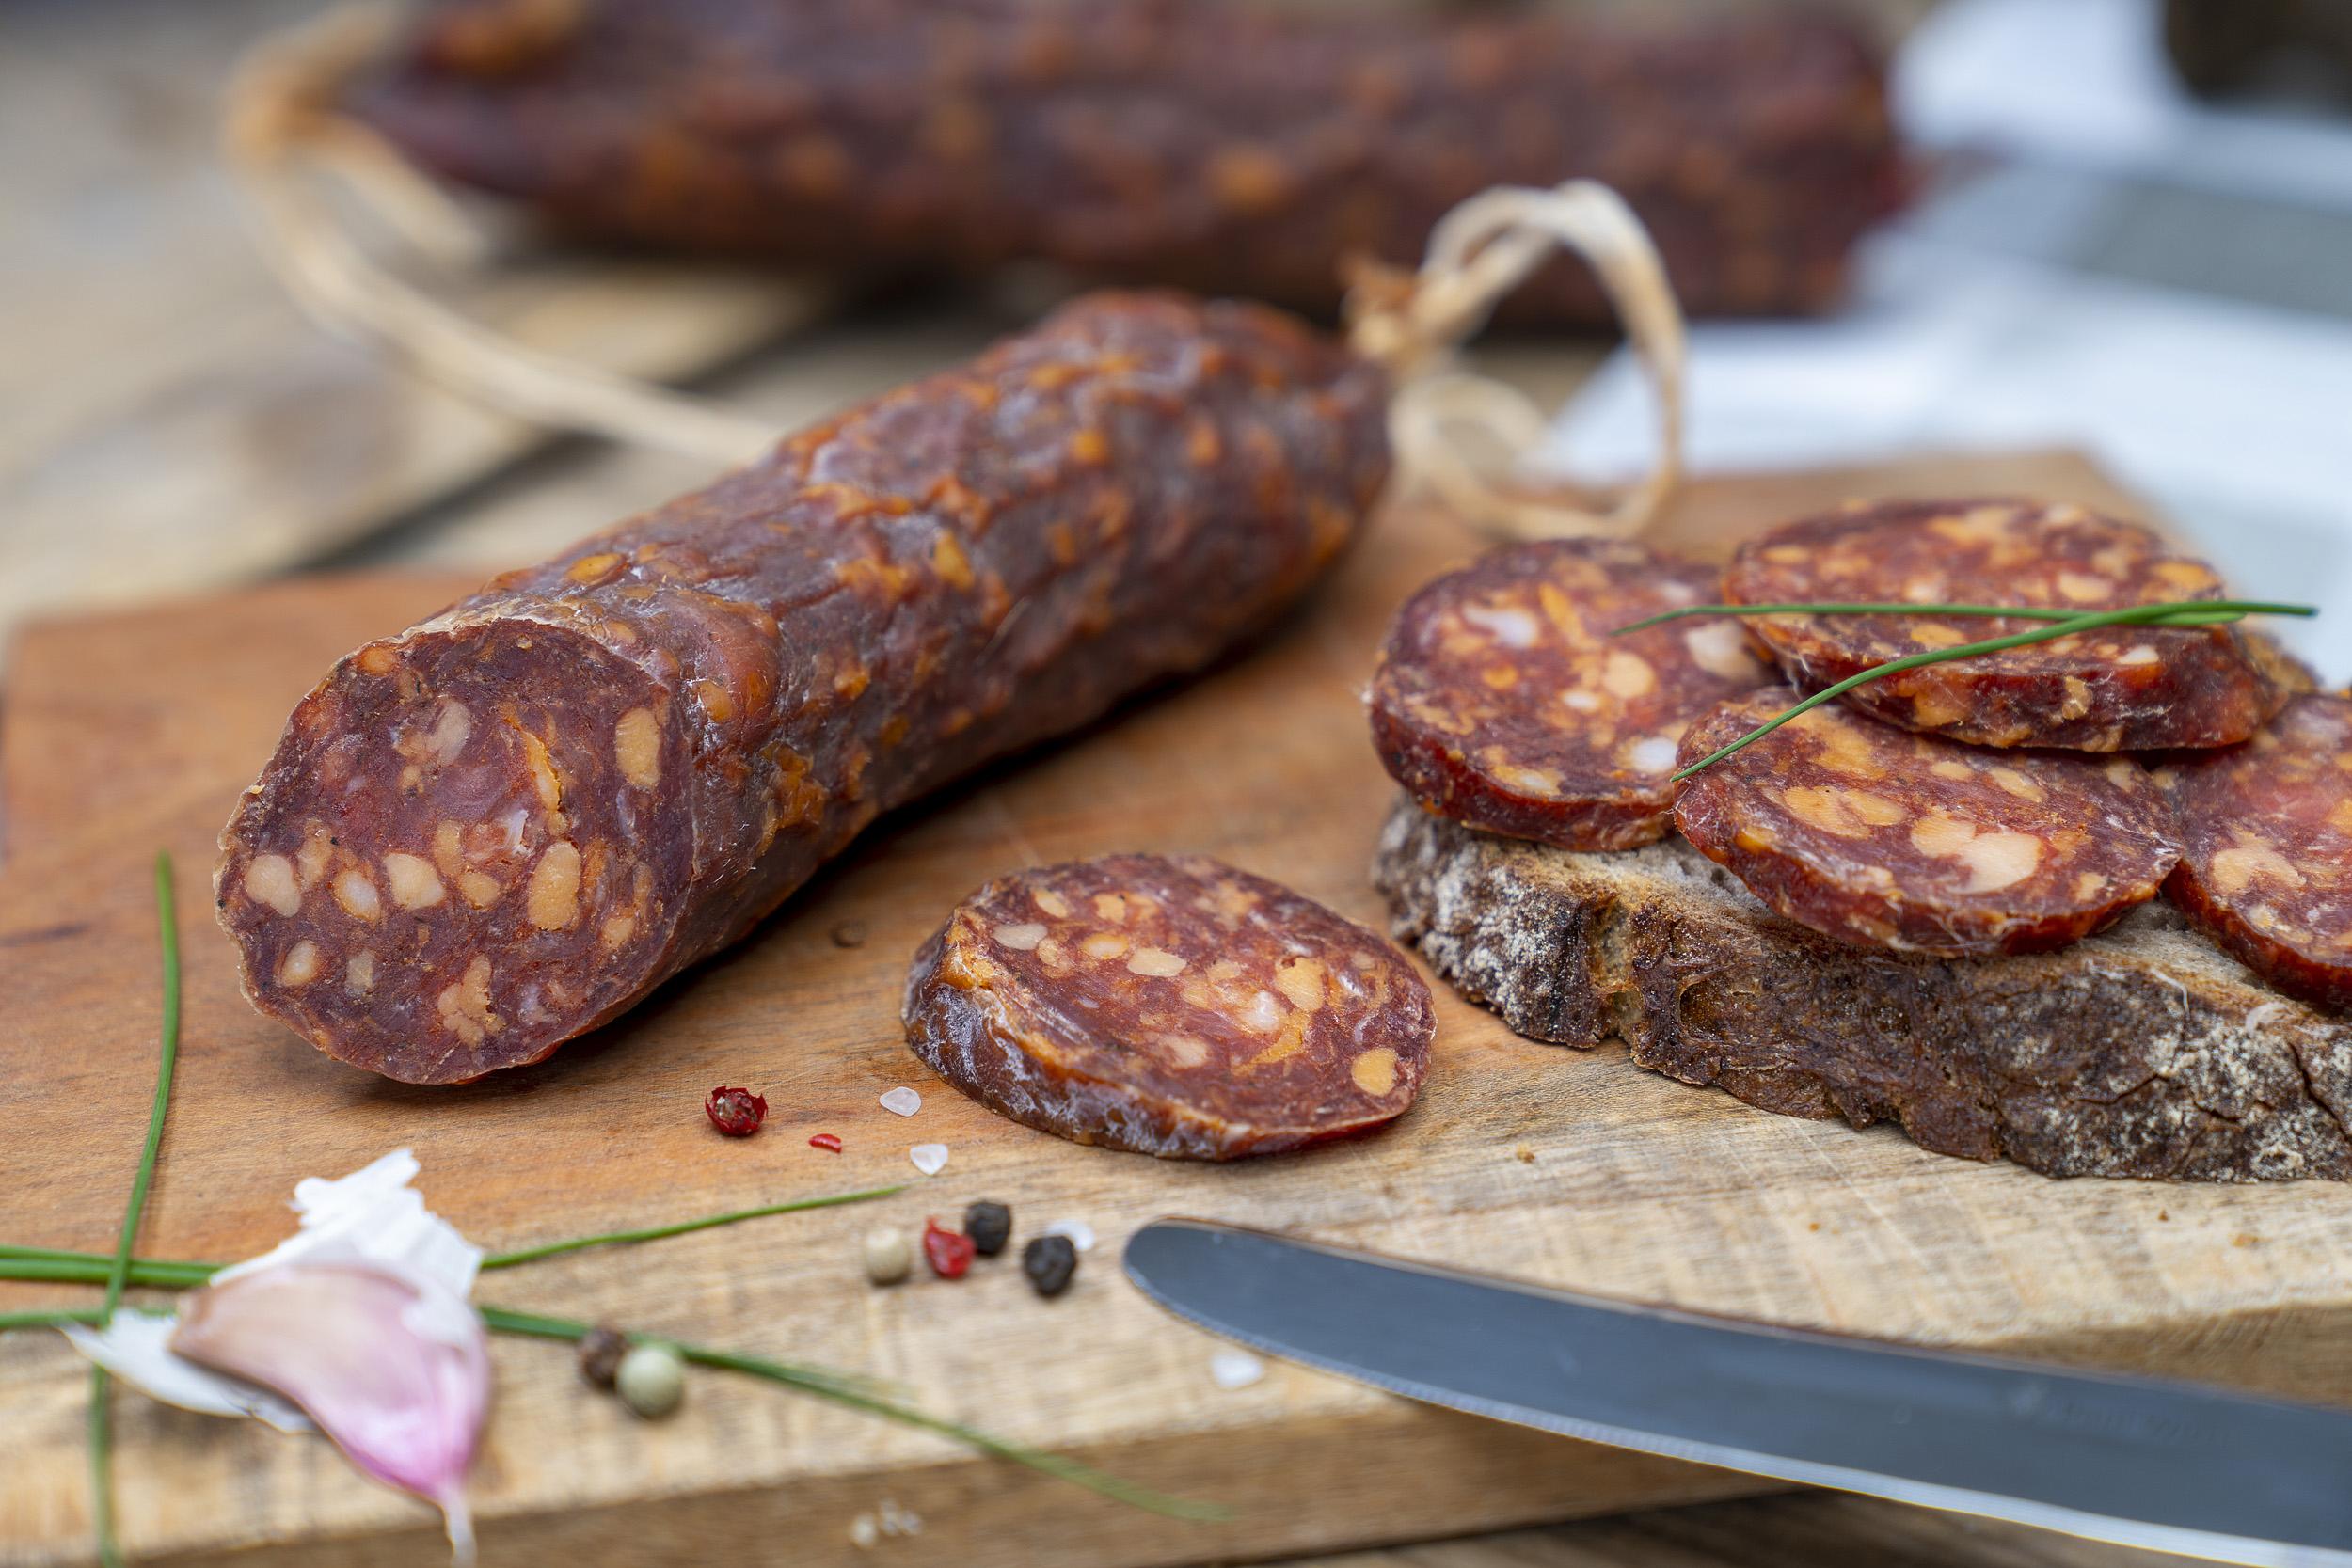 Angeschnittene Ungarische Salami auf einem Brett. Daneben eine Schnitte mit der Wurst und Gewürze. Im Hintergrund eine weitere Salami.